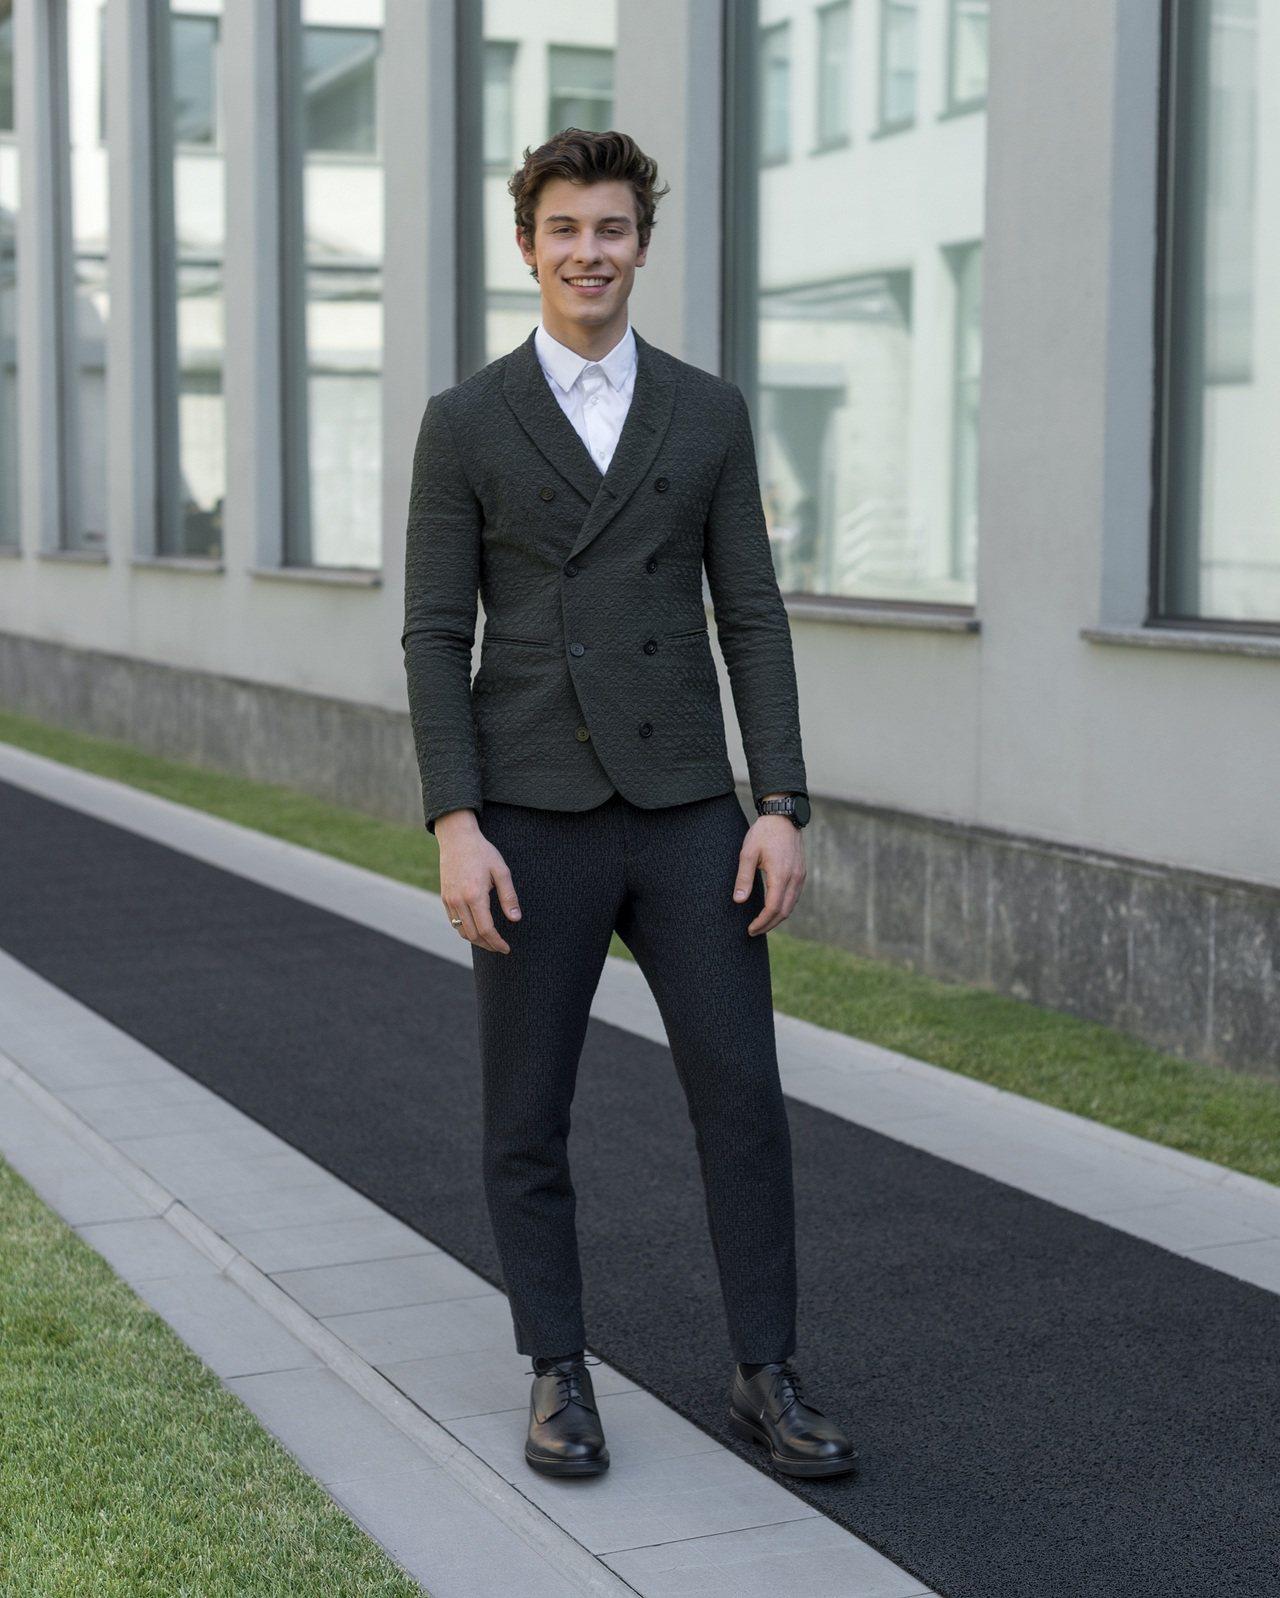 年輕的加拿大歌手Shawn Mendes成為了Emporio Armani 2018春夏大秀的壓軸登場模特兒。